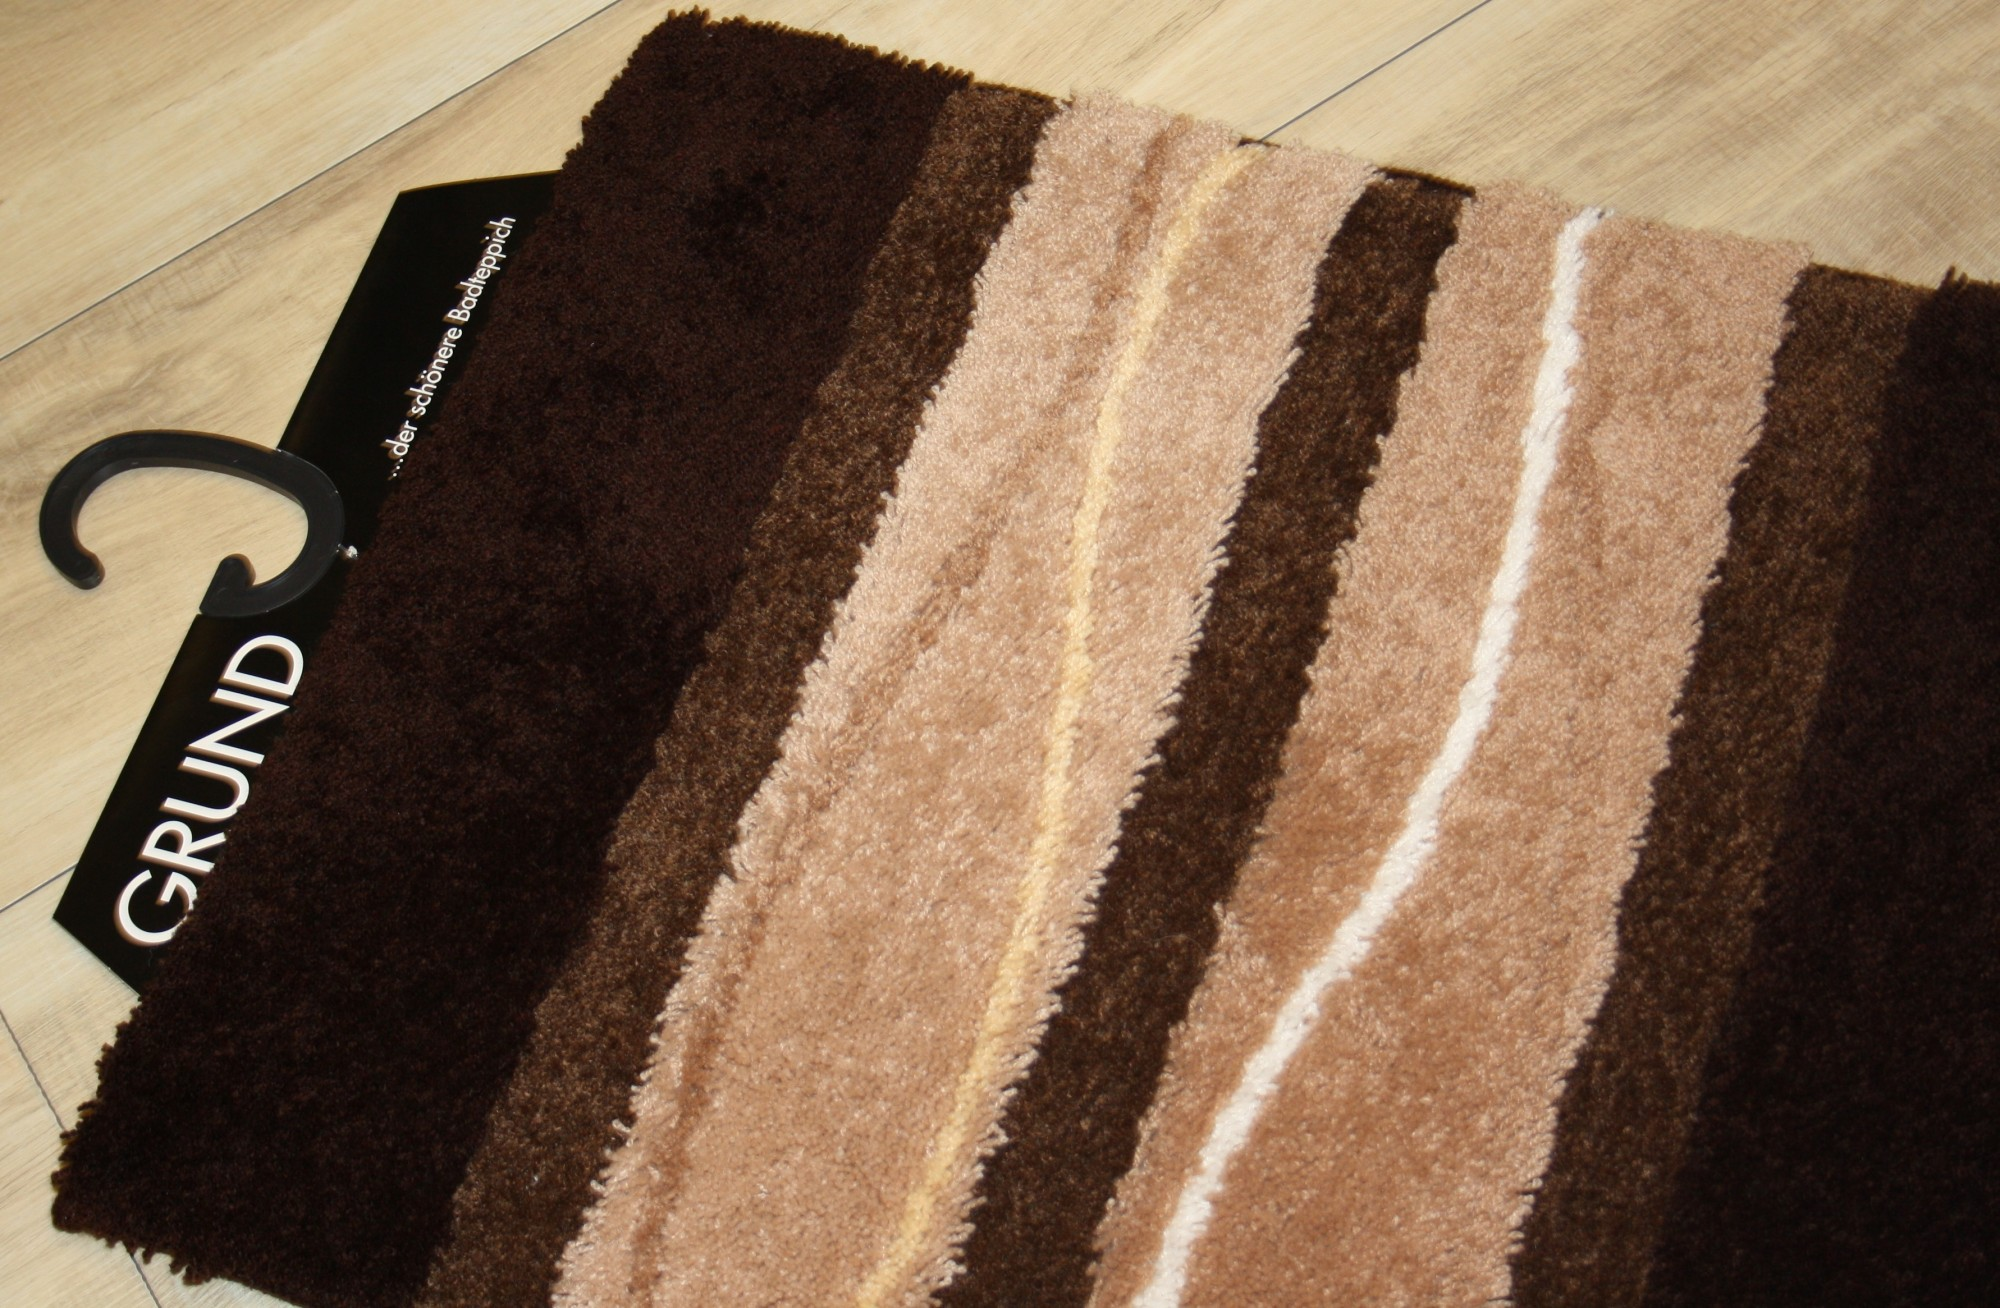 badteppich orly 50 x 60 cm braun von grund. Black Bedroom Furniture Sets. Home Design Ideas